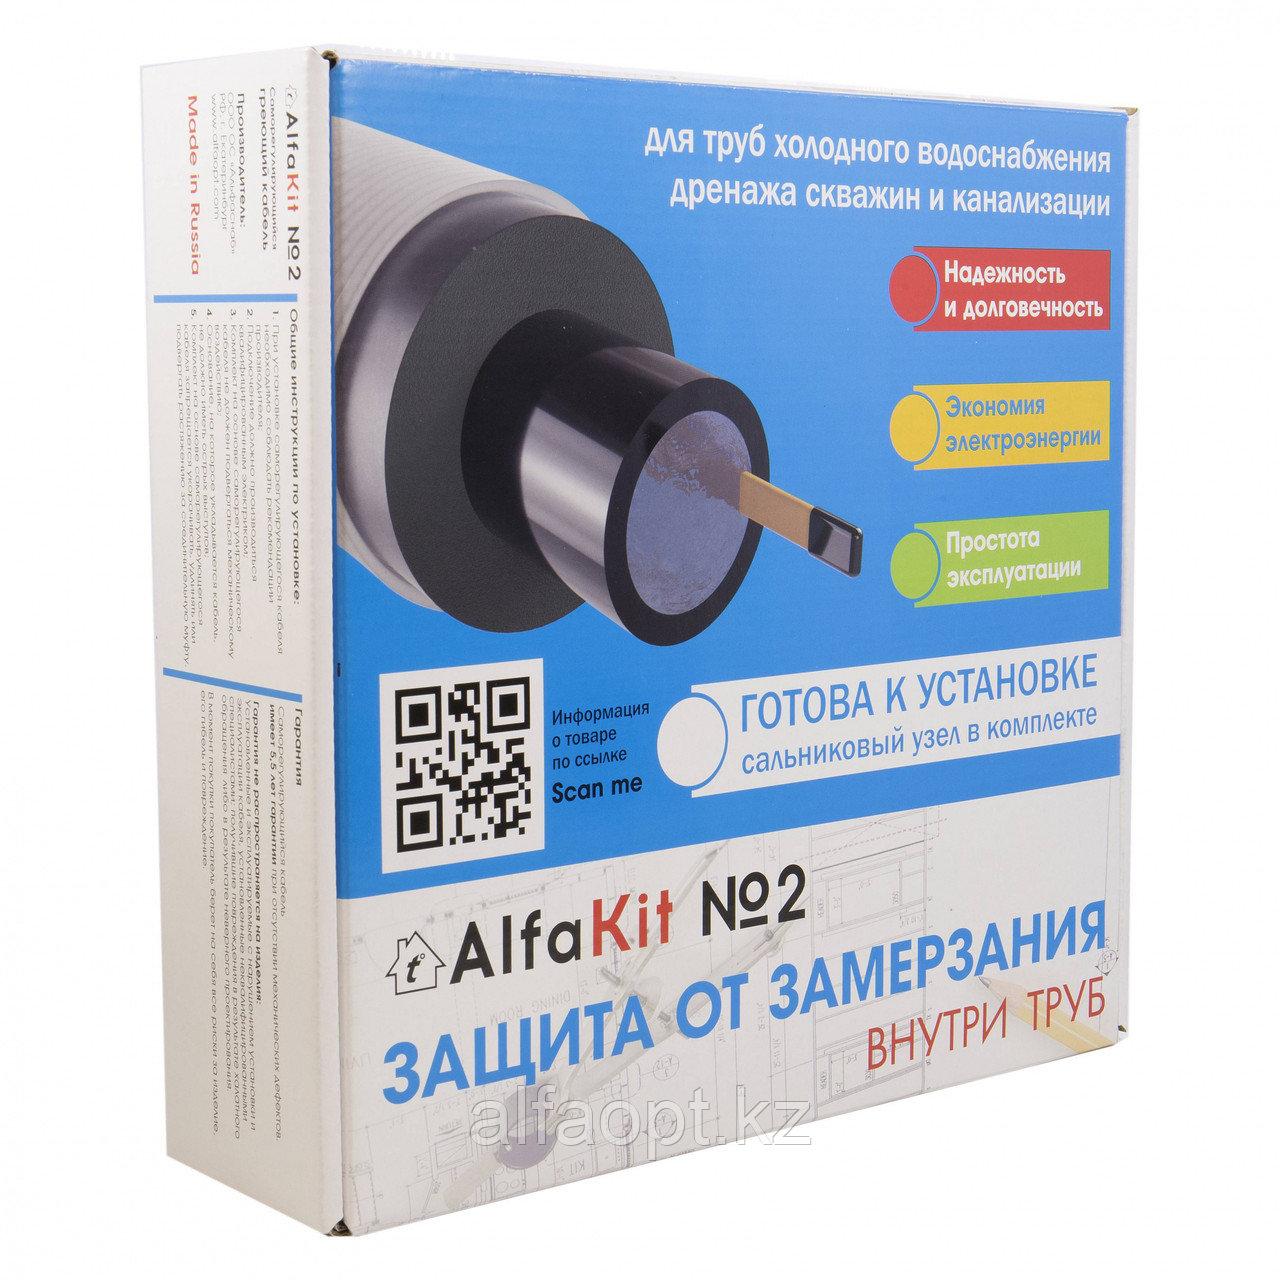 Комплект саморегулирующегося кабеля AlfaKit №2 16-2-1